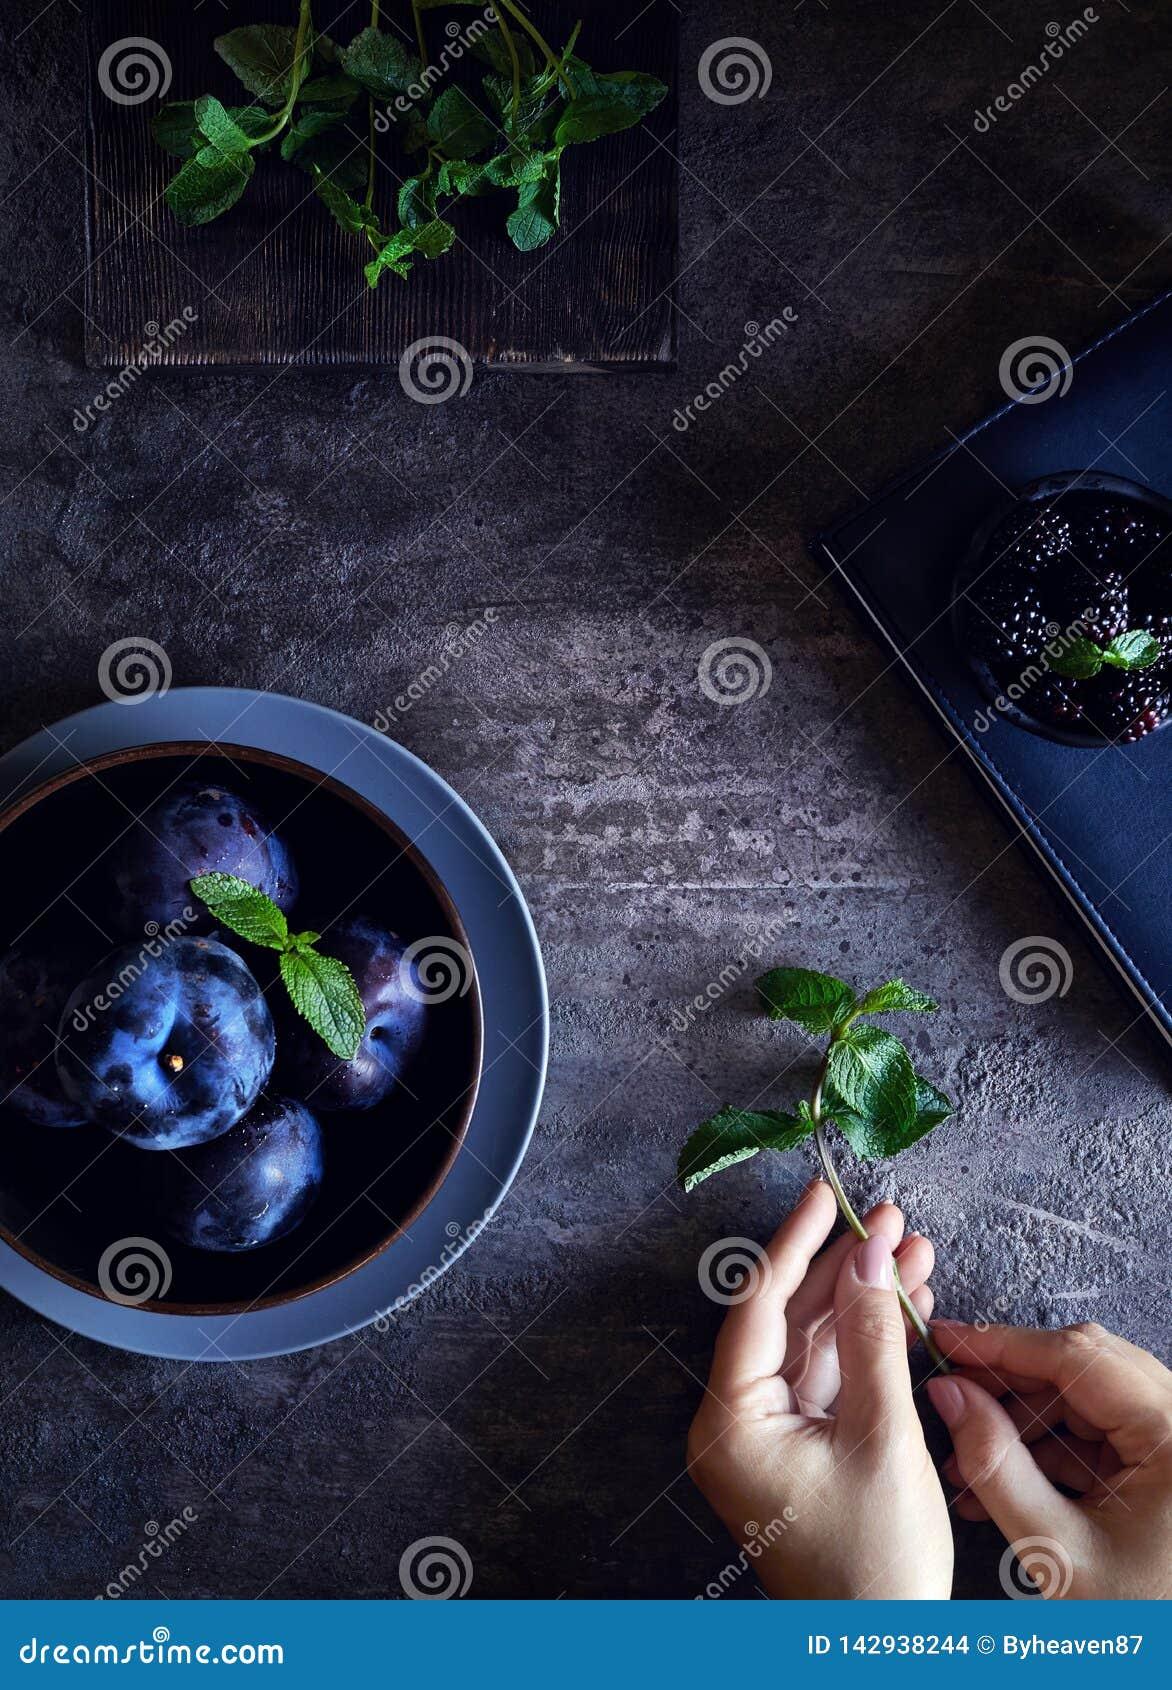 Темное фото еды с ежевикой, сливами и мятой